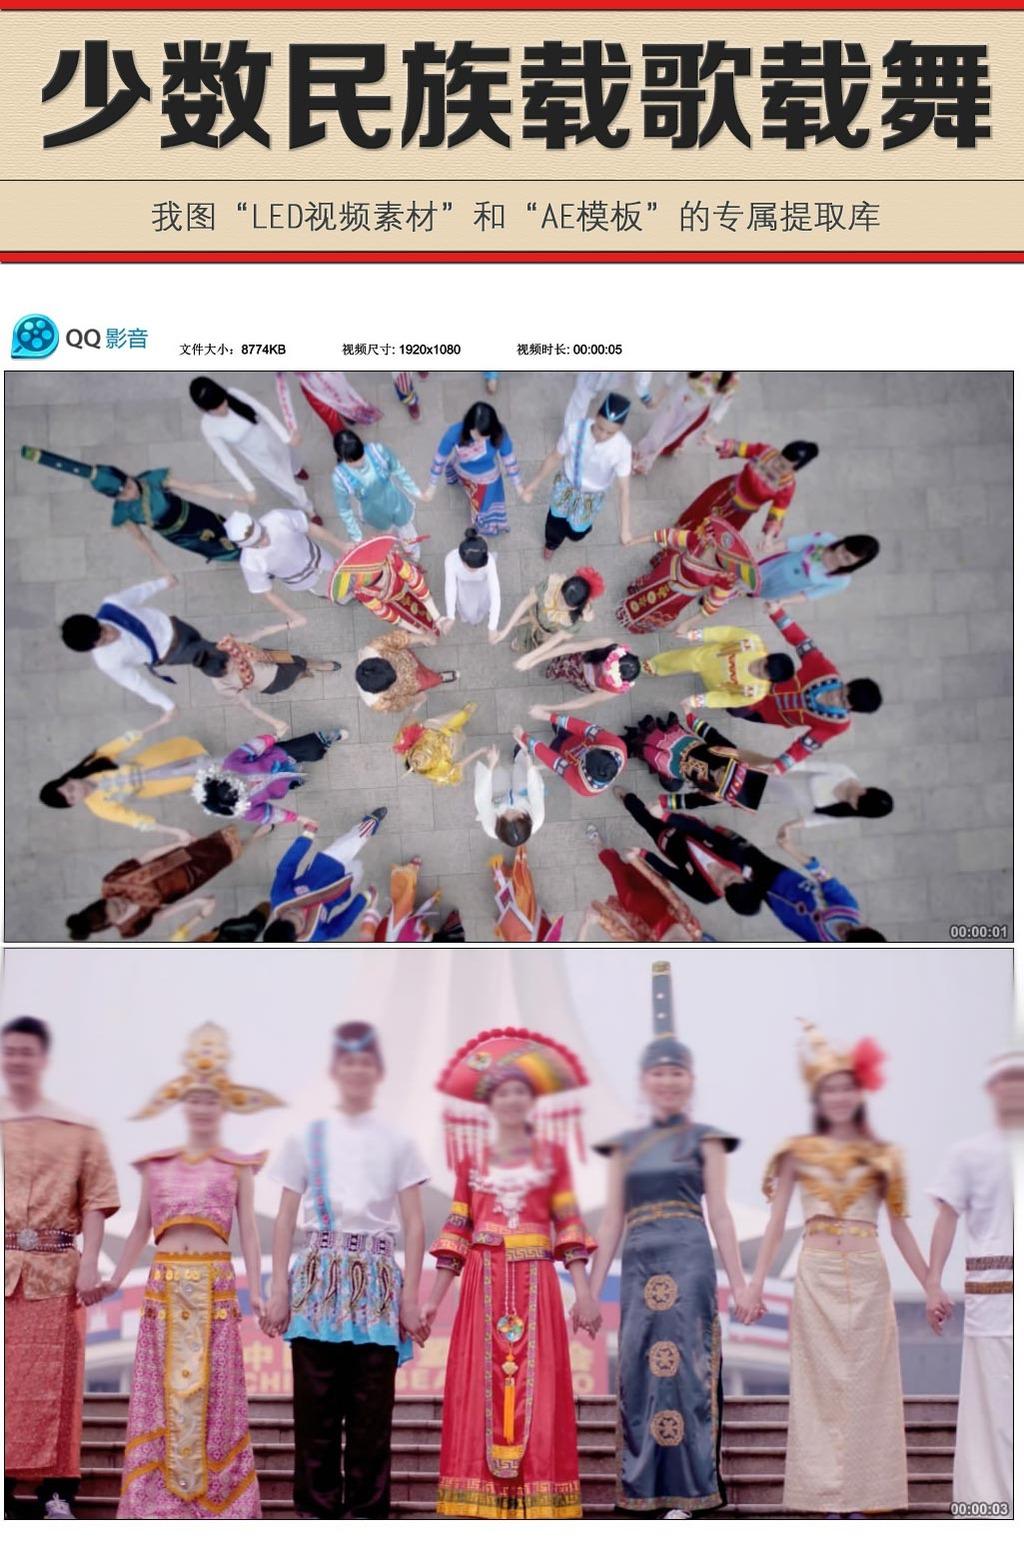 各民族载歌载舞手拉手民族团结视频素材